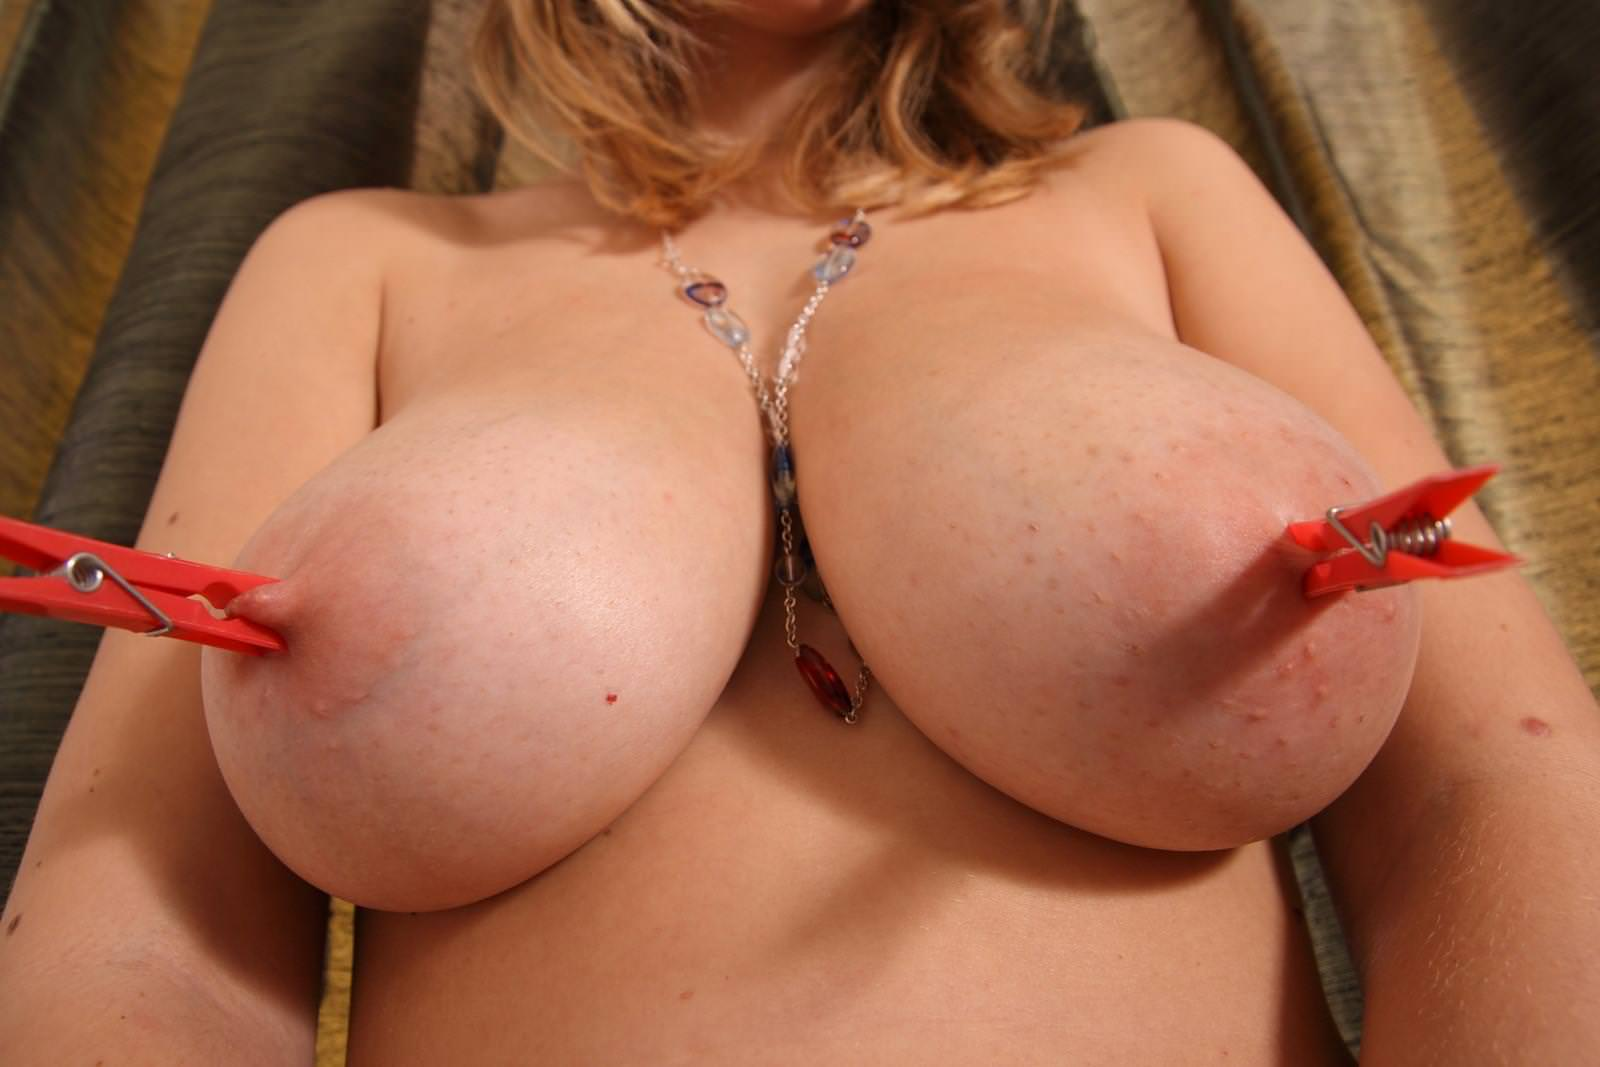 乳首を洗濯バサミやクリップで責められてる女の子 19